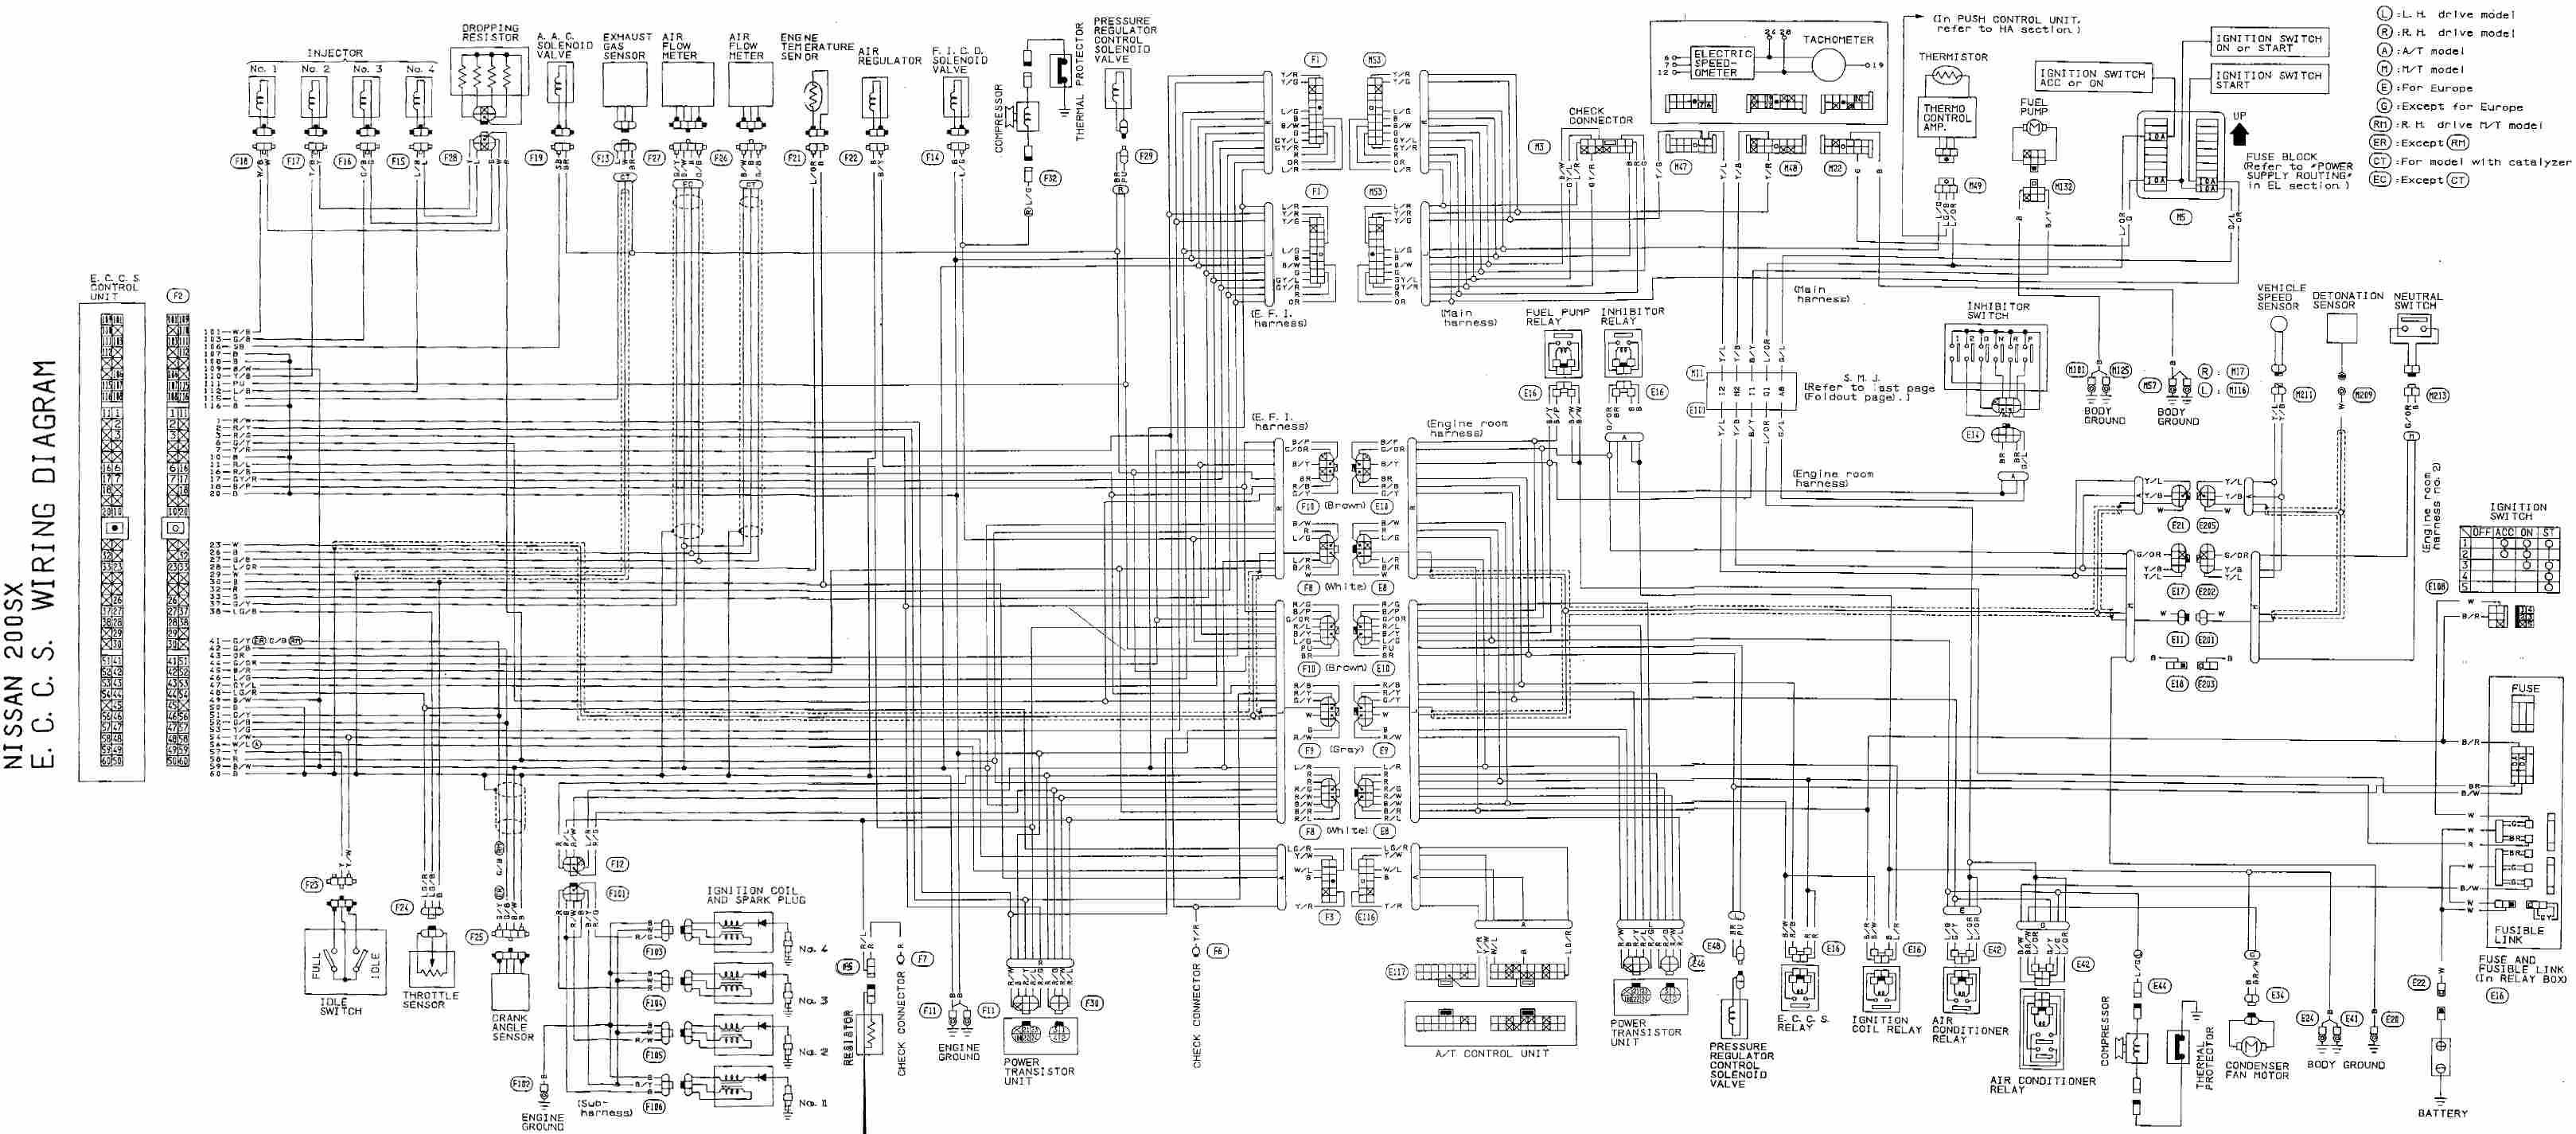 200 nissan sentra fuse diagram